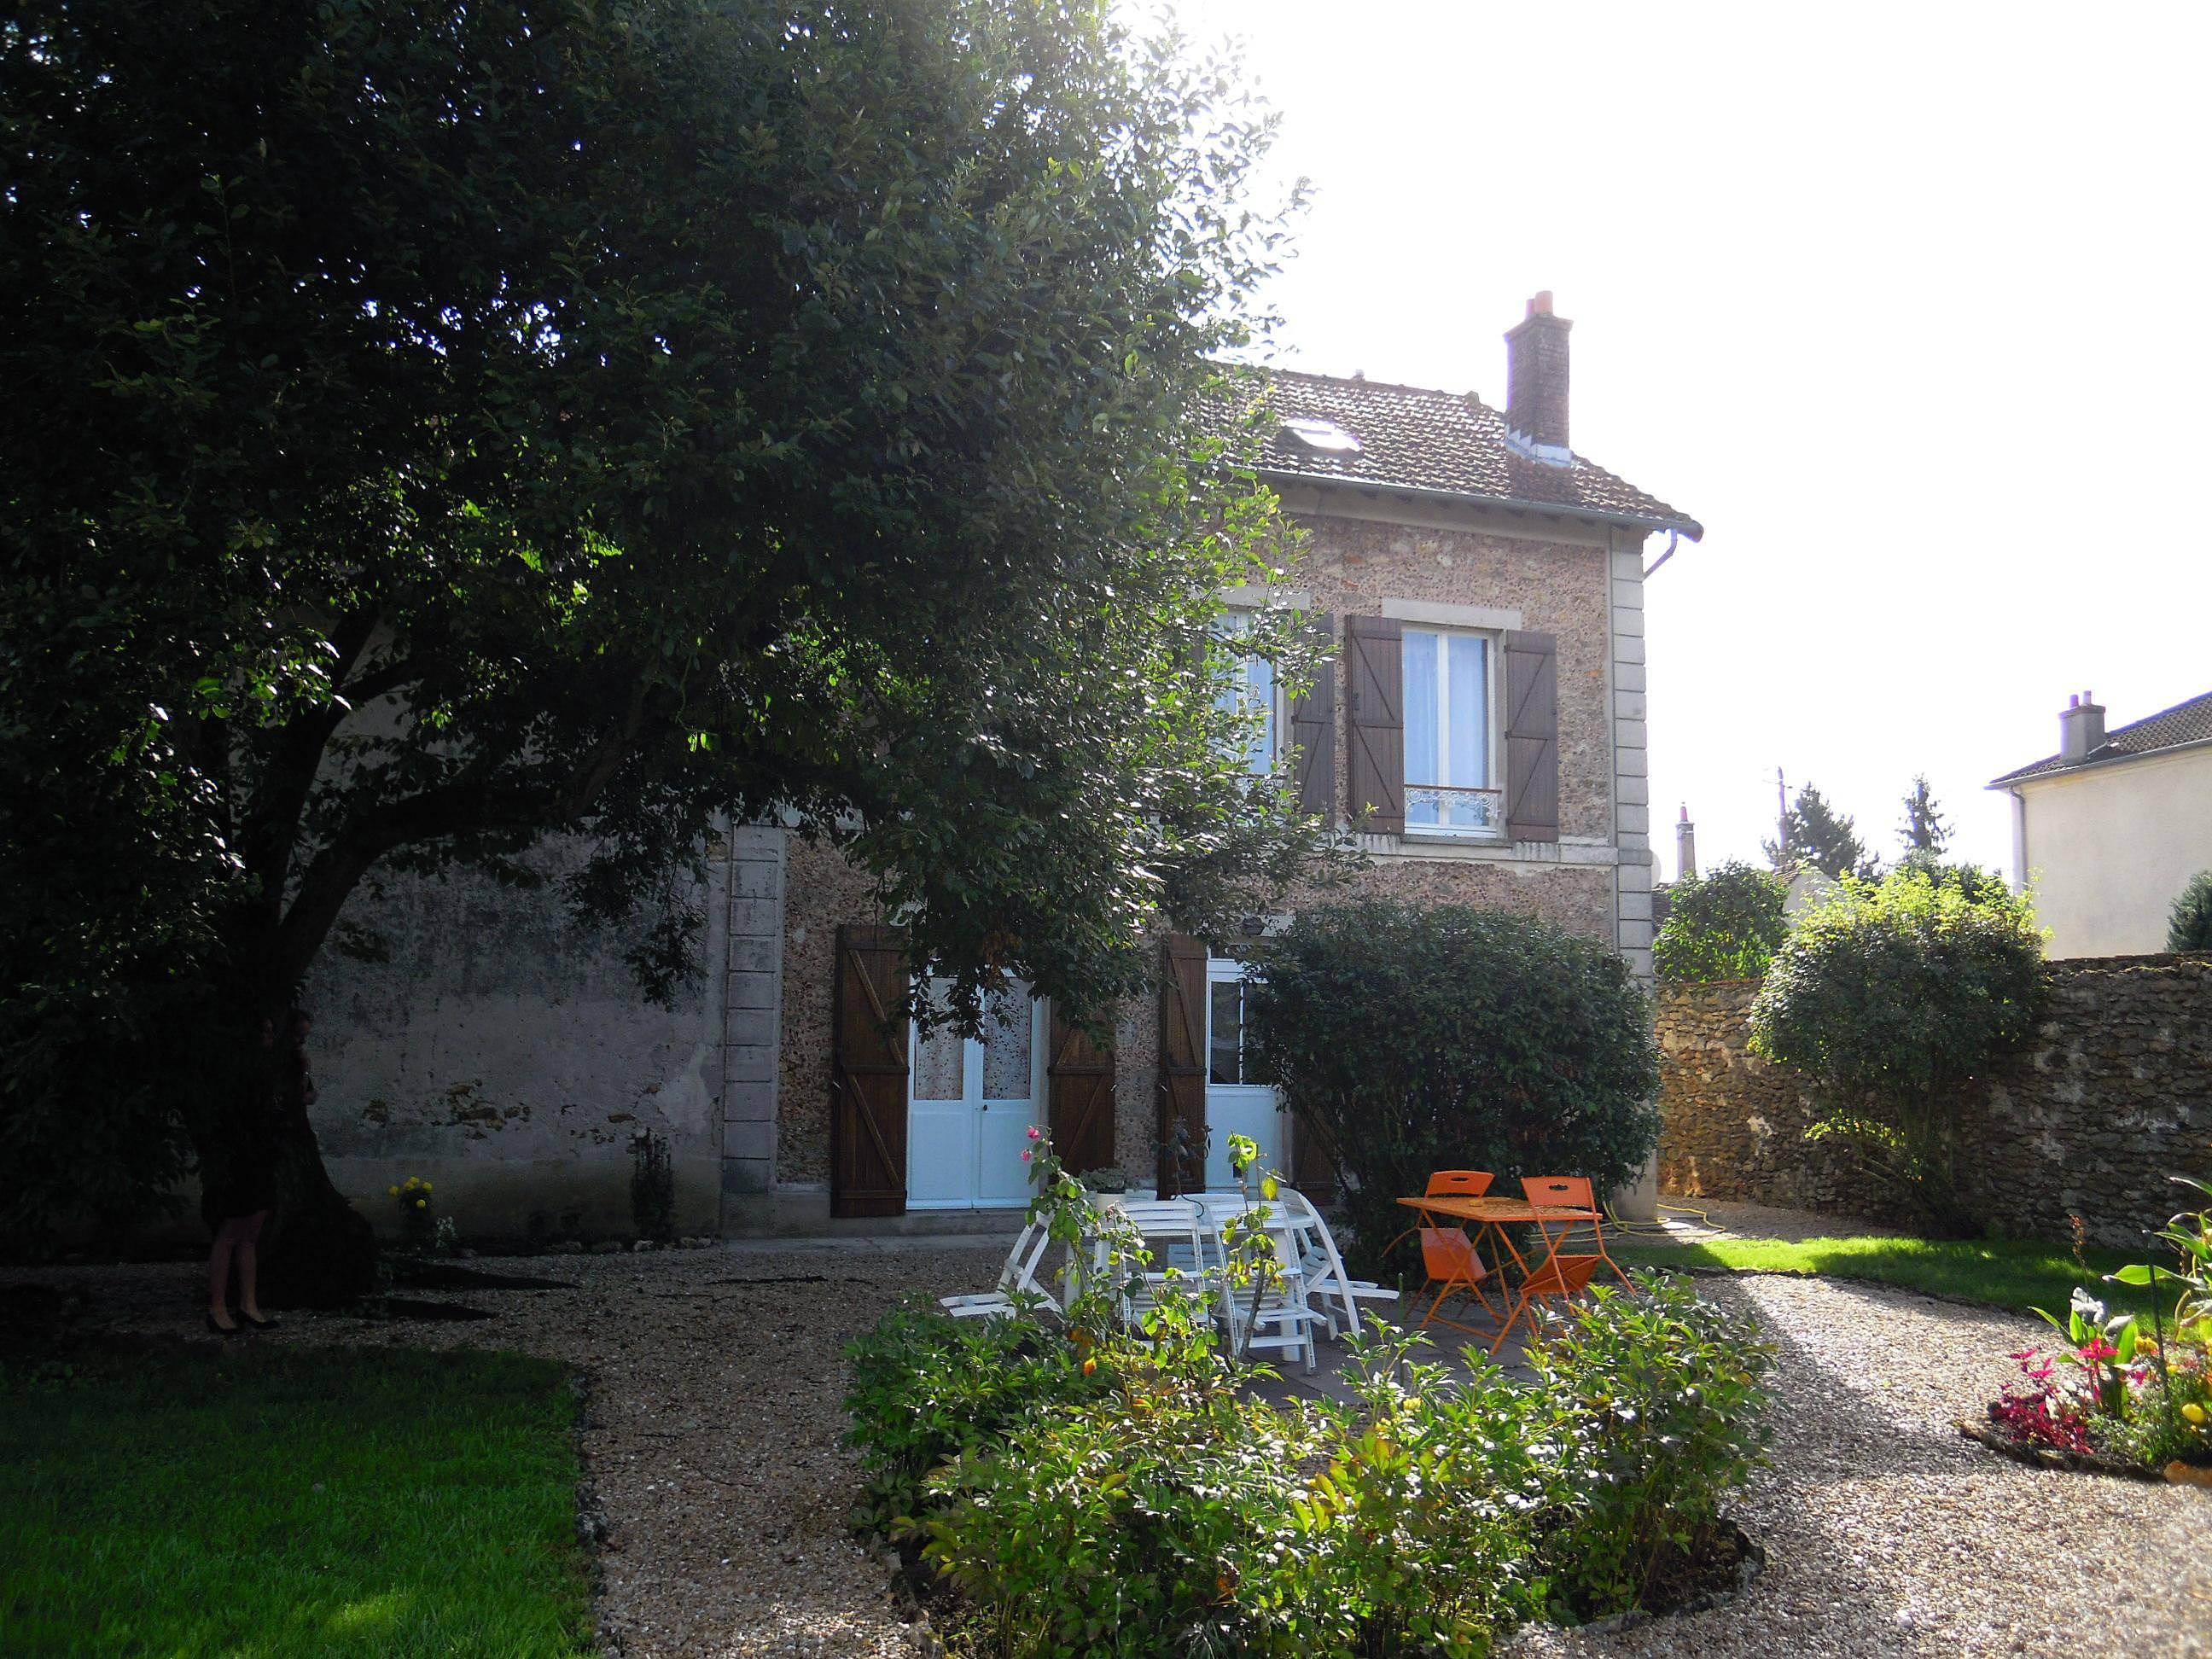 Maison en location en le de france favi res seine et for Location garage ile de france